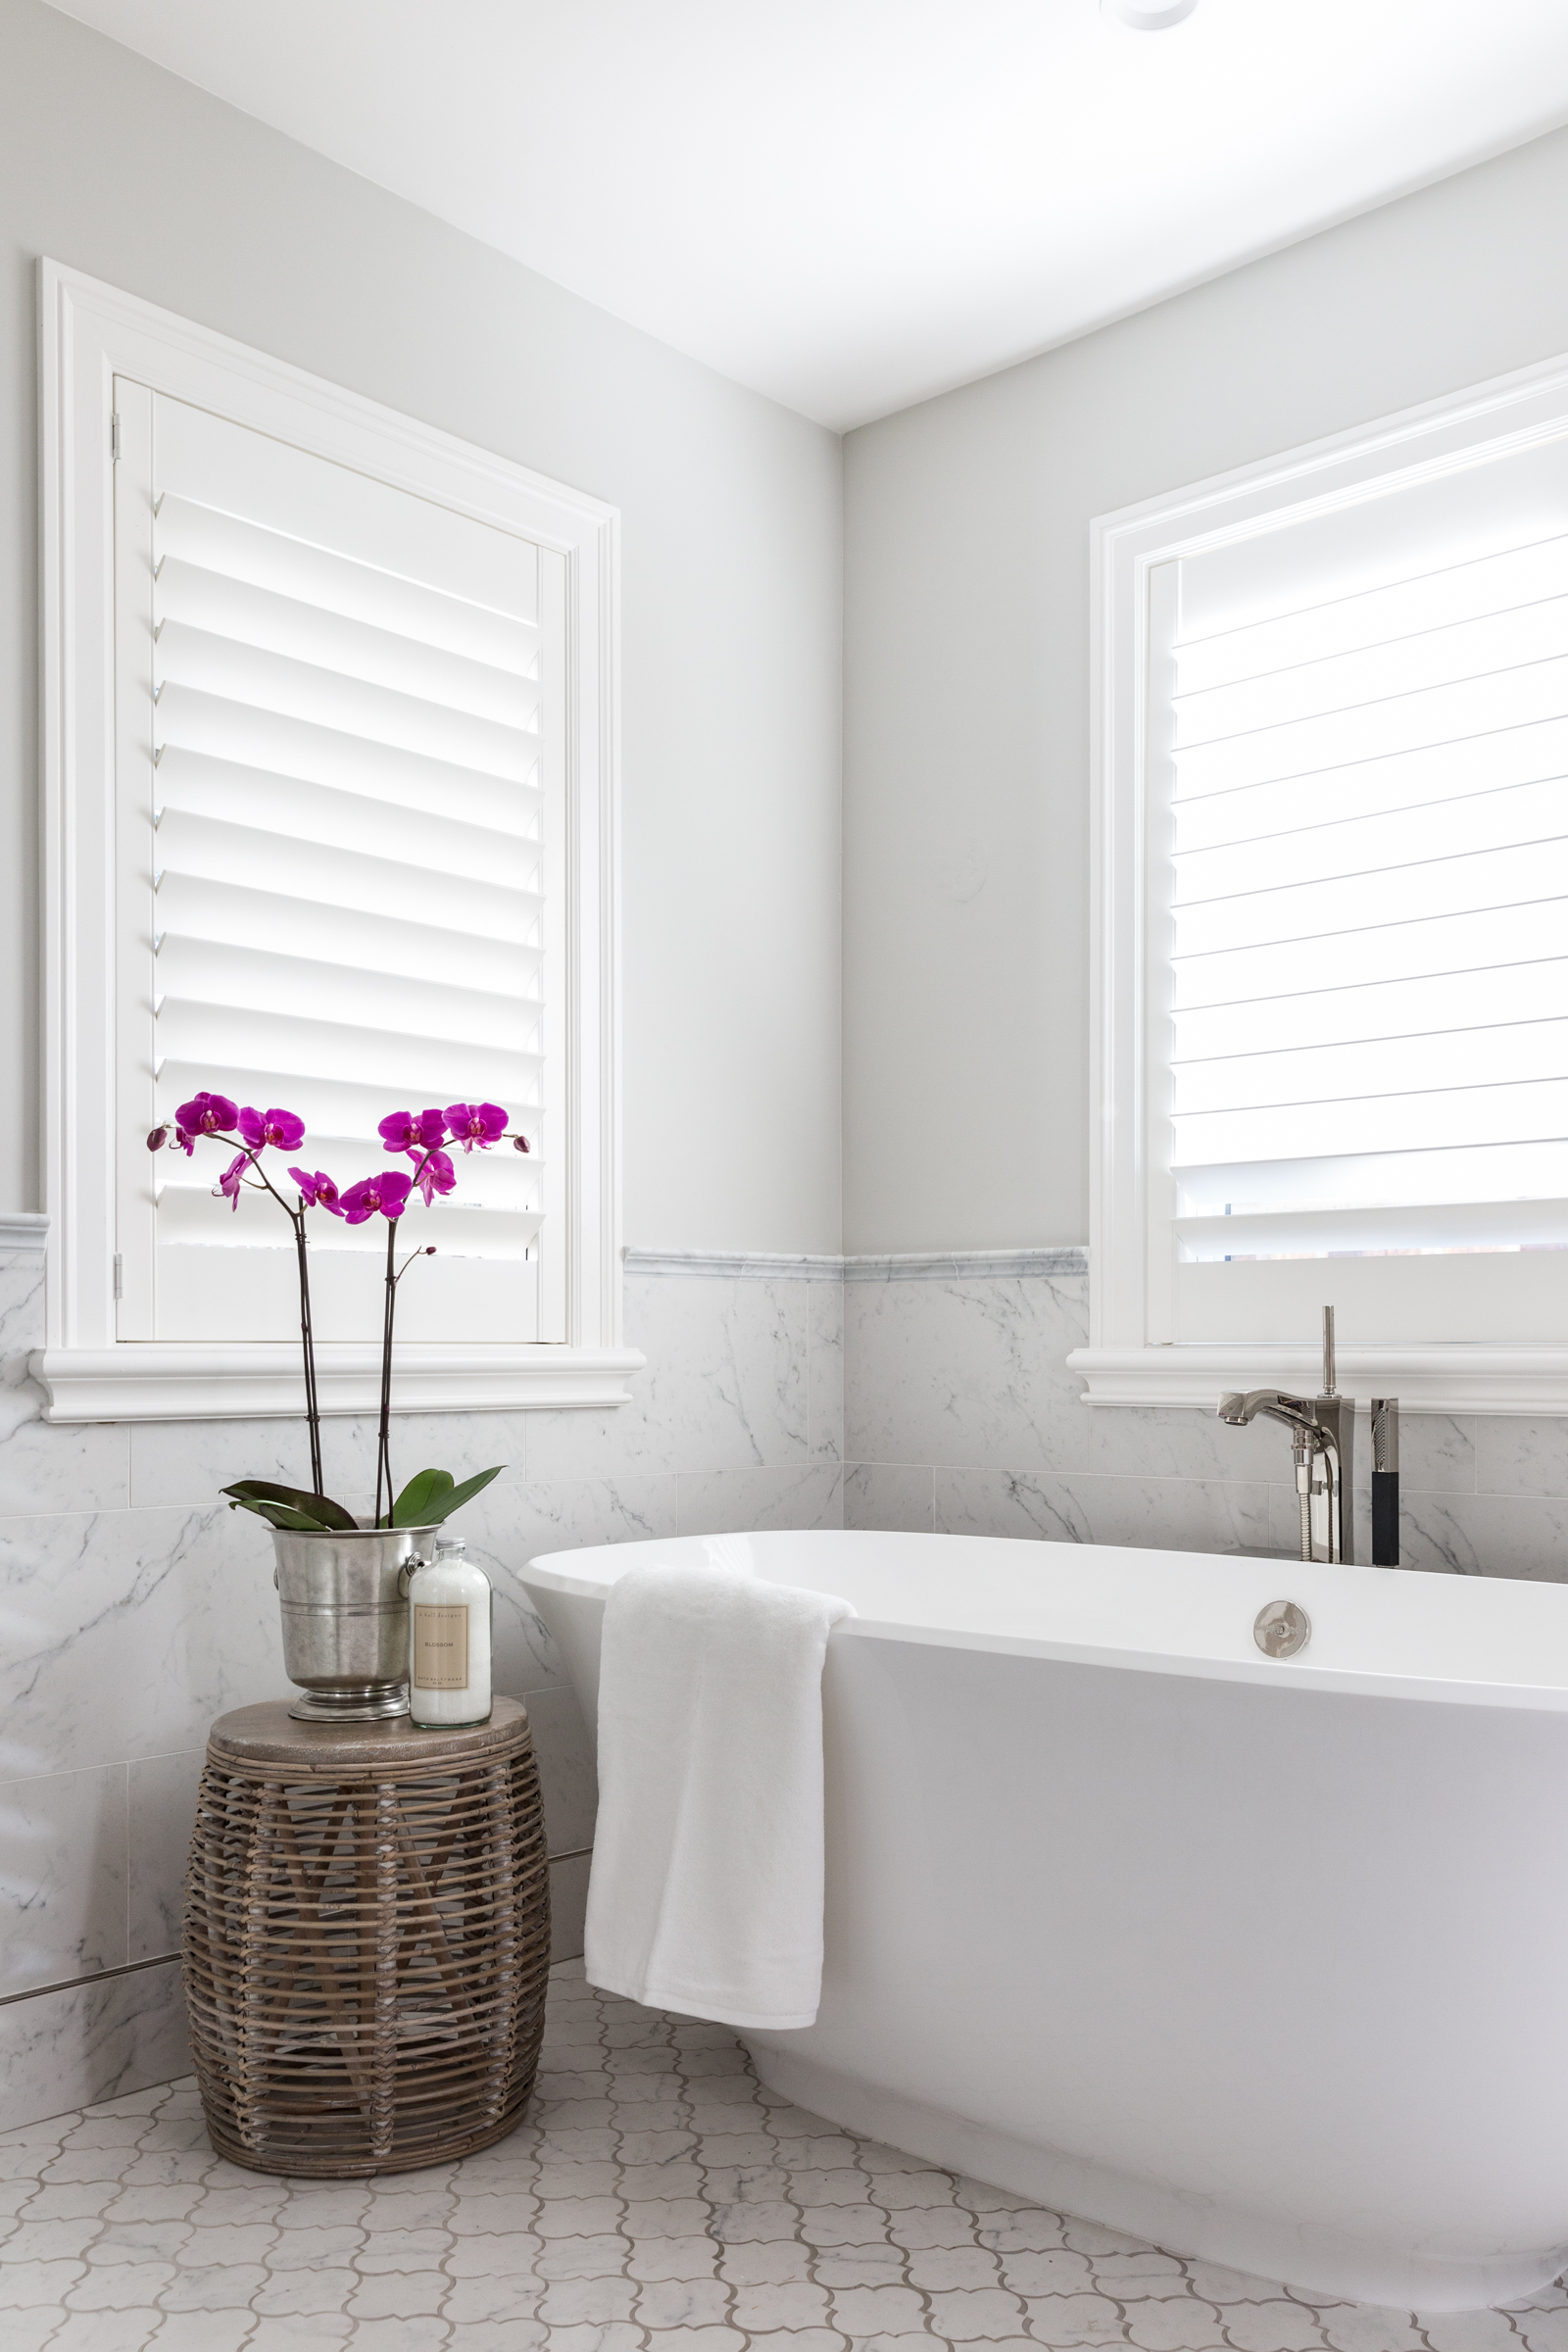 celeste_bathrooms-9.jpg